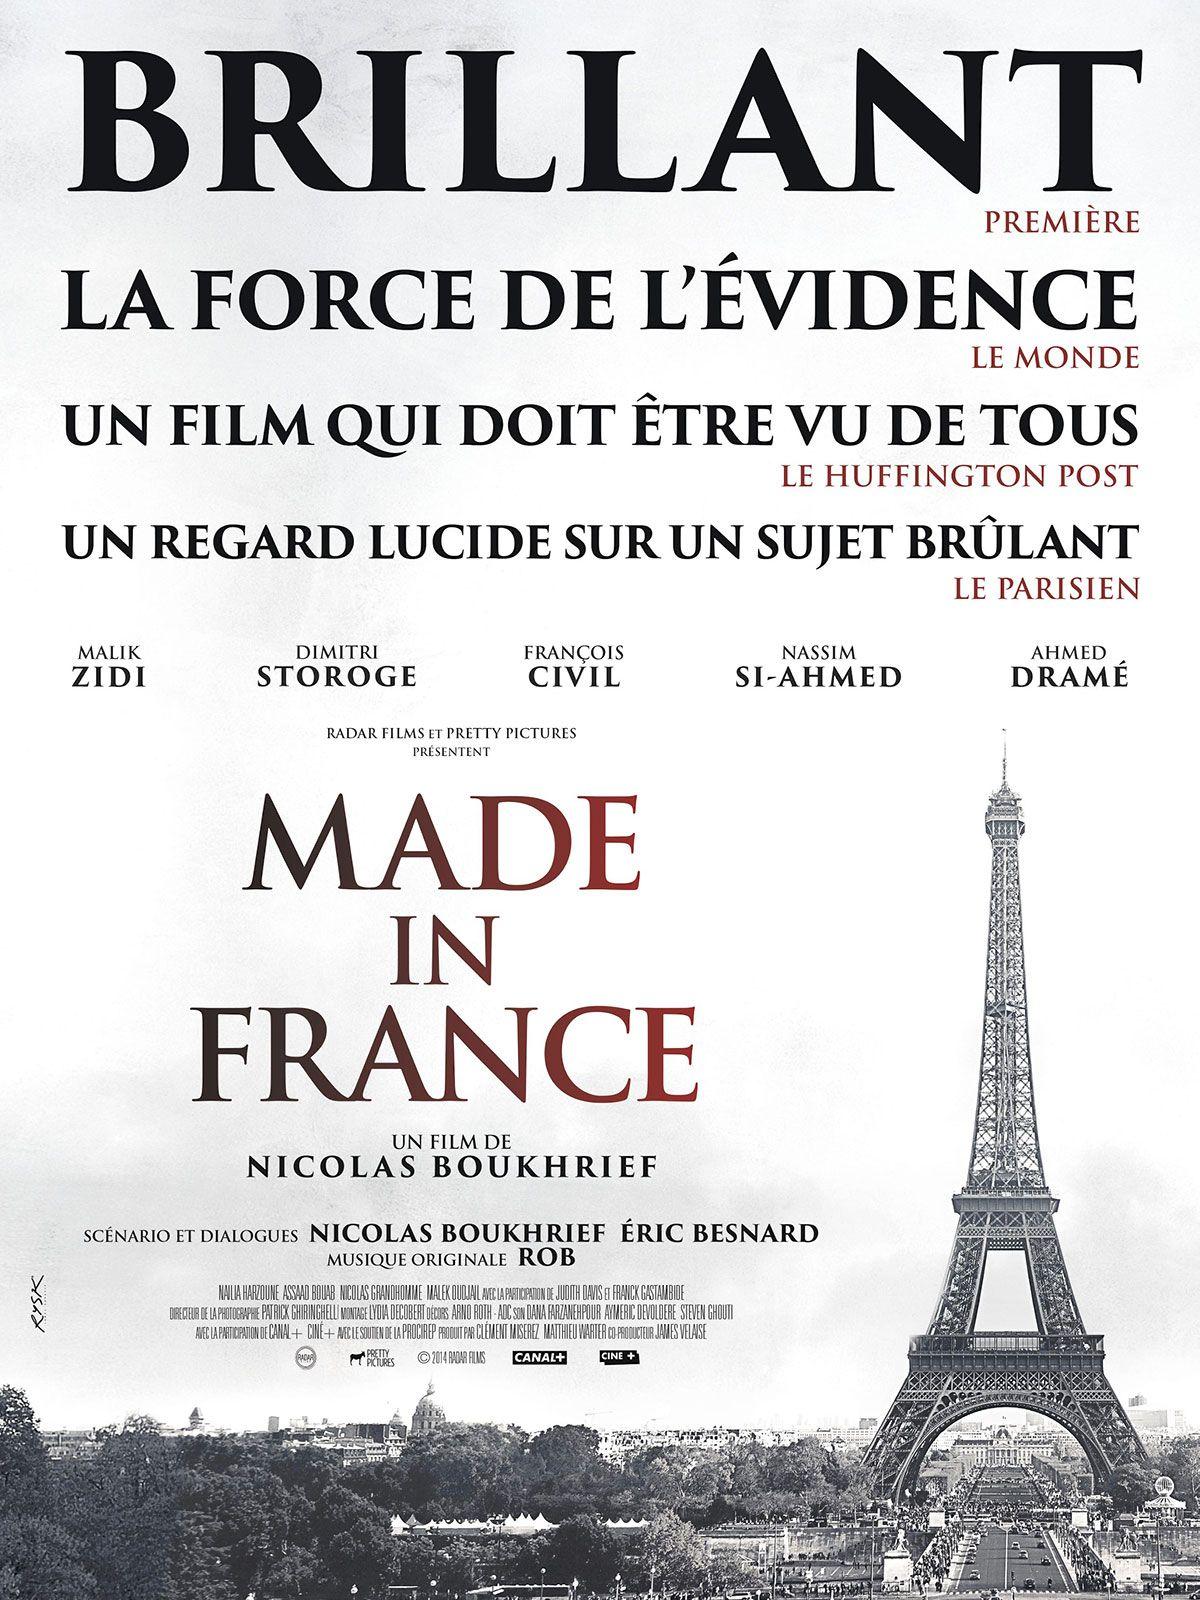 Dernièrement, j'ai vu ça... - Page 3 Made_in_France